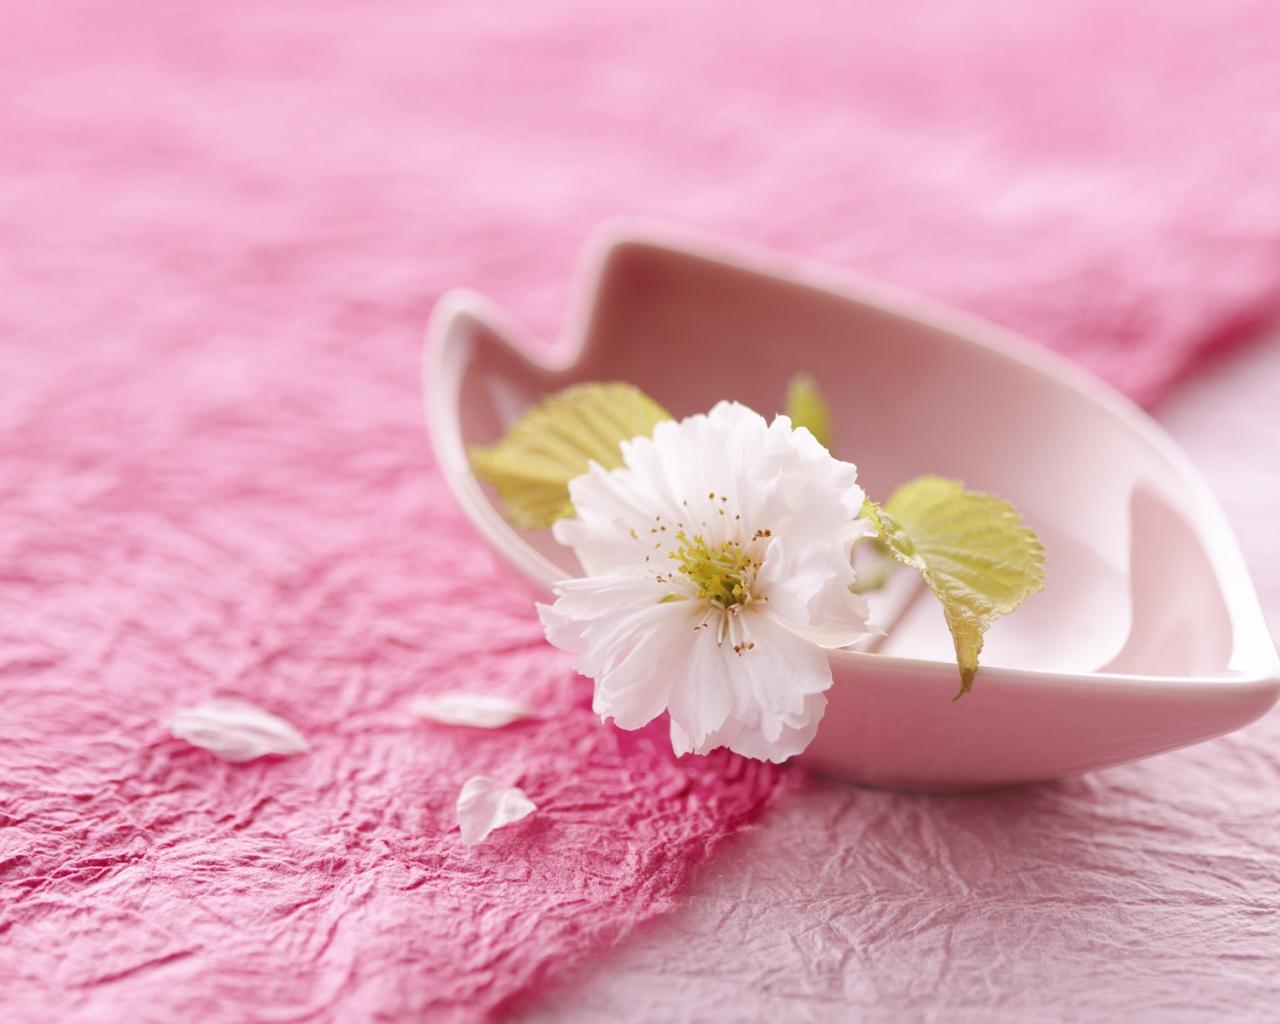 Конверт с цветами Распечатать Готовые образцы 8 марта